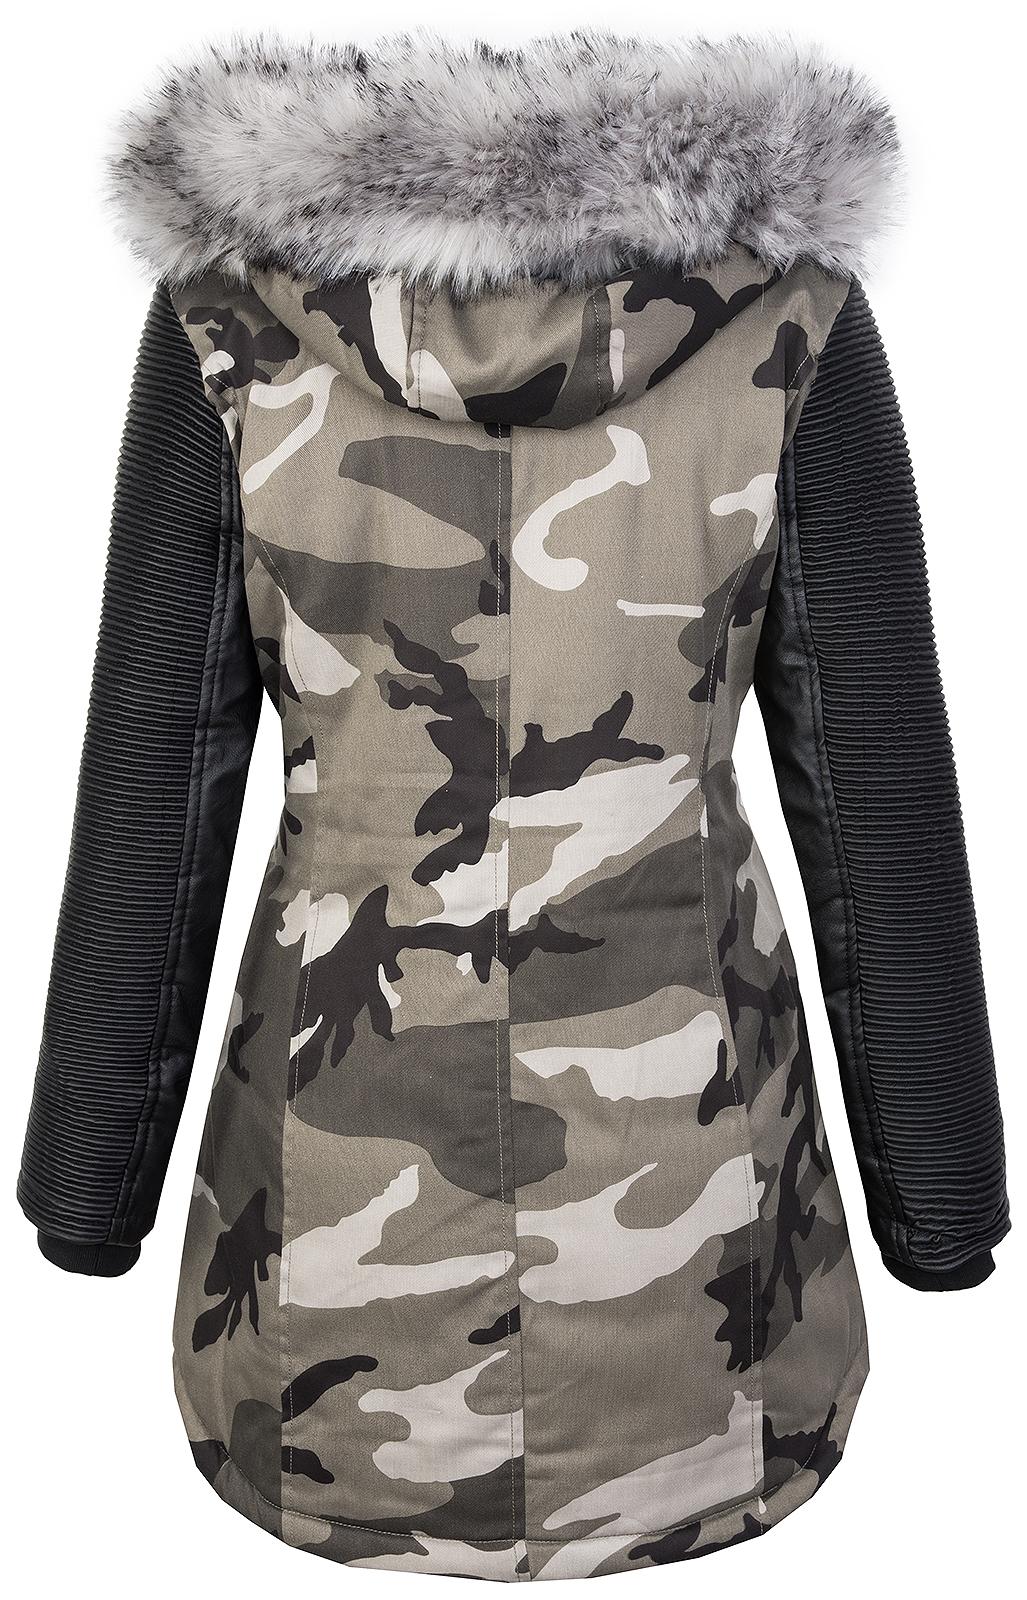 Damen camouflage winter jacke